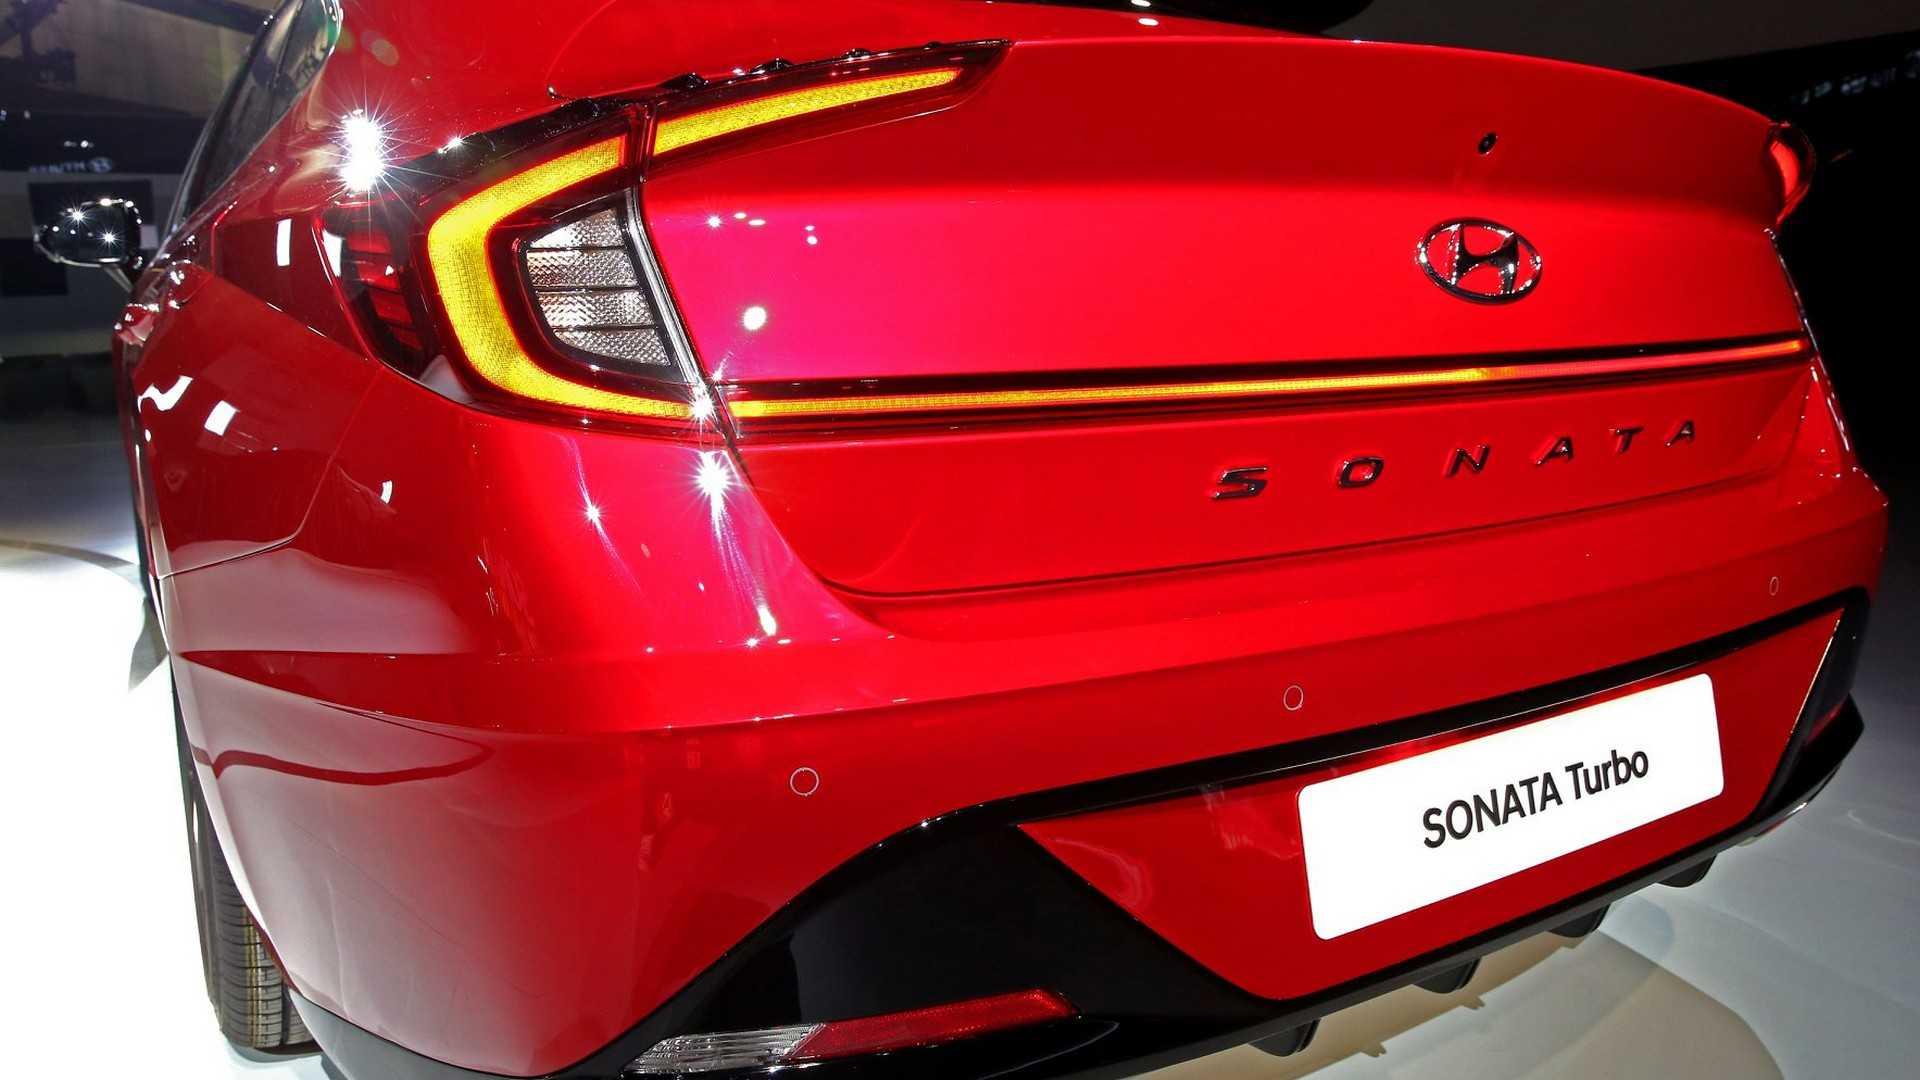 2020-hyundai-sonata-1-6-turbo-5.jpg